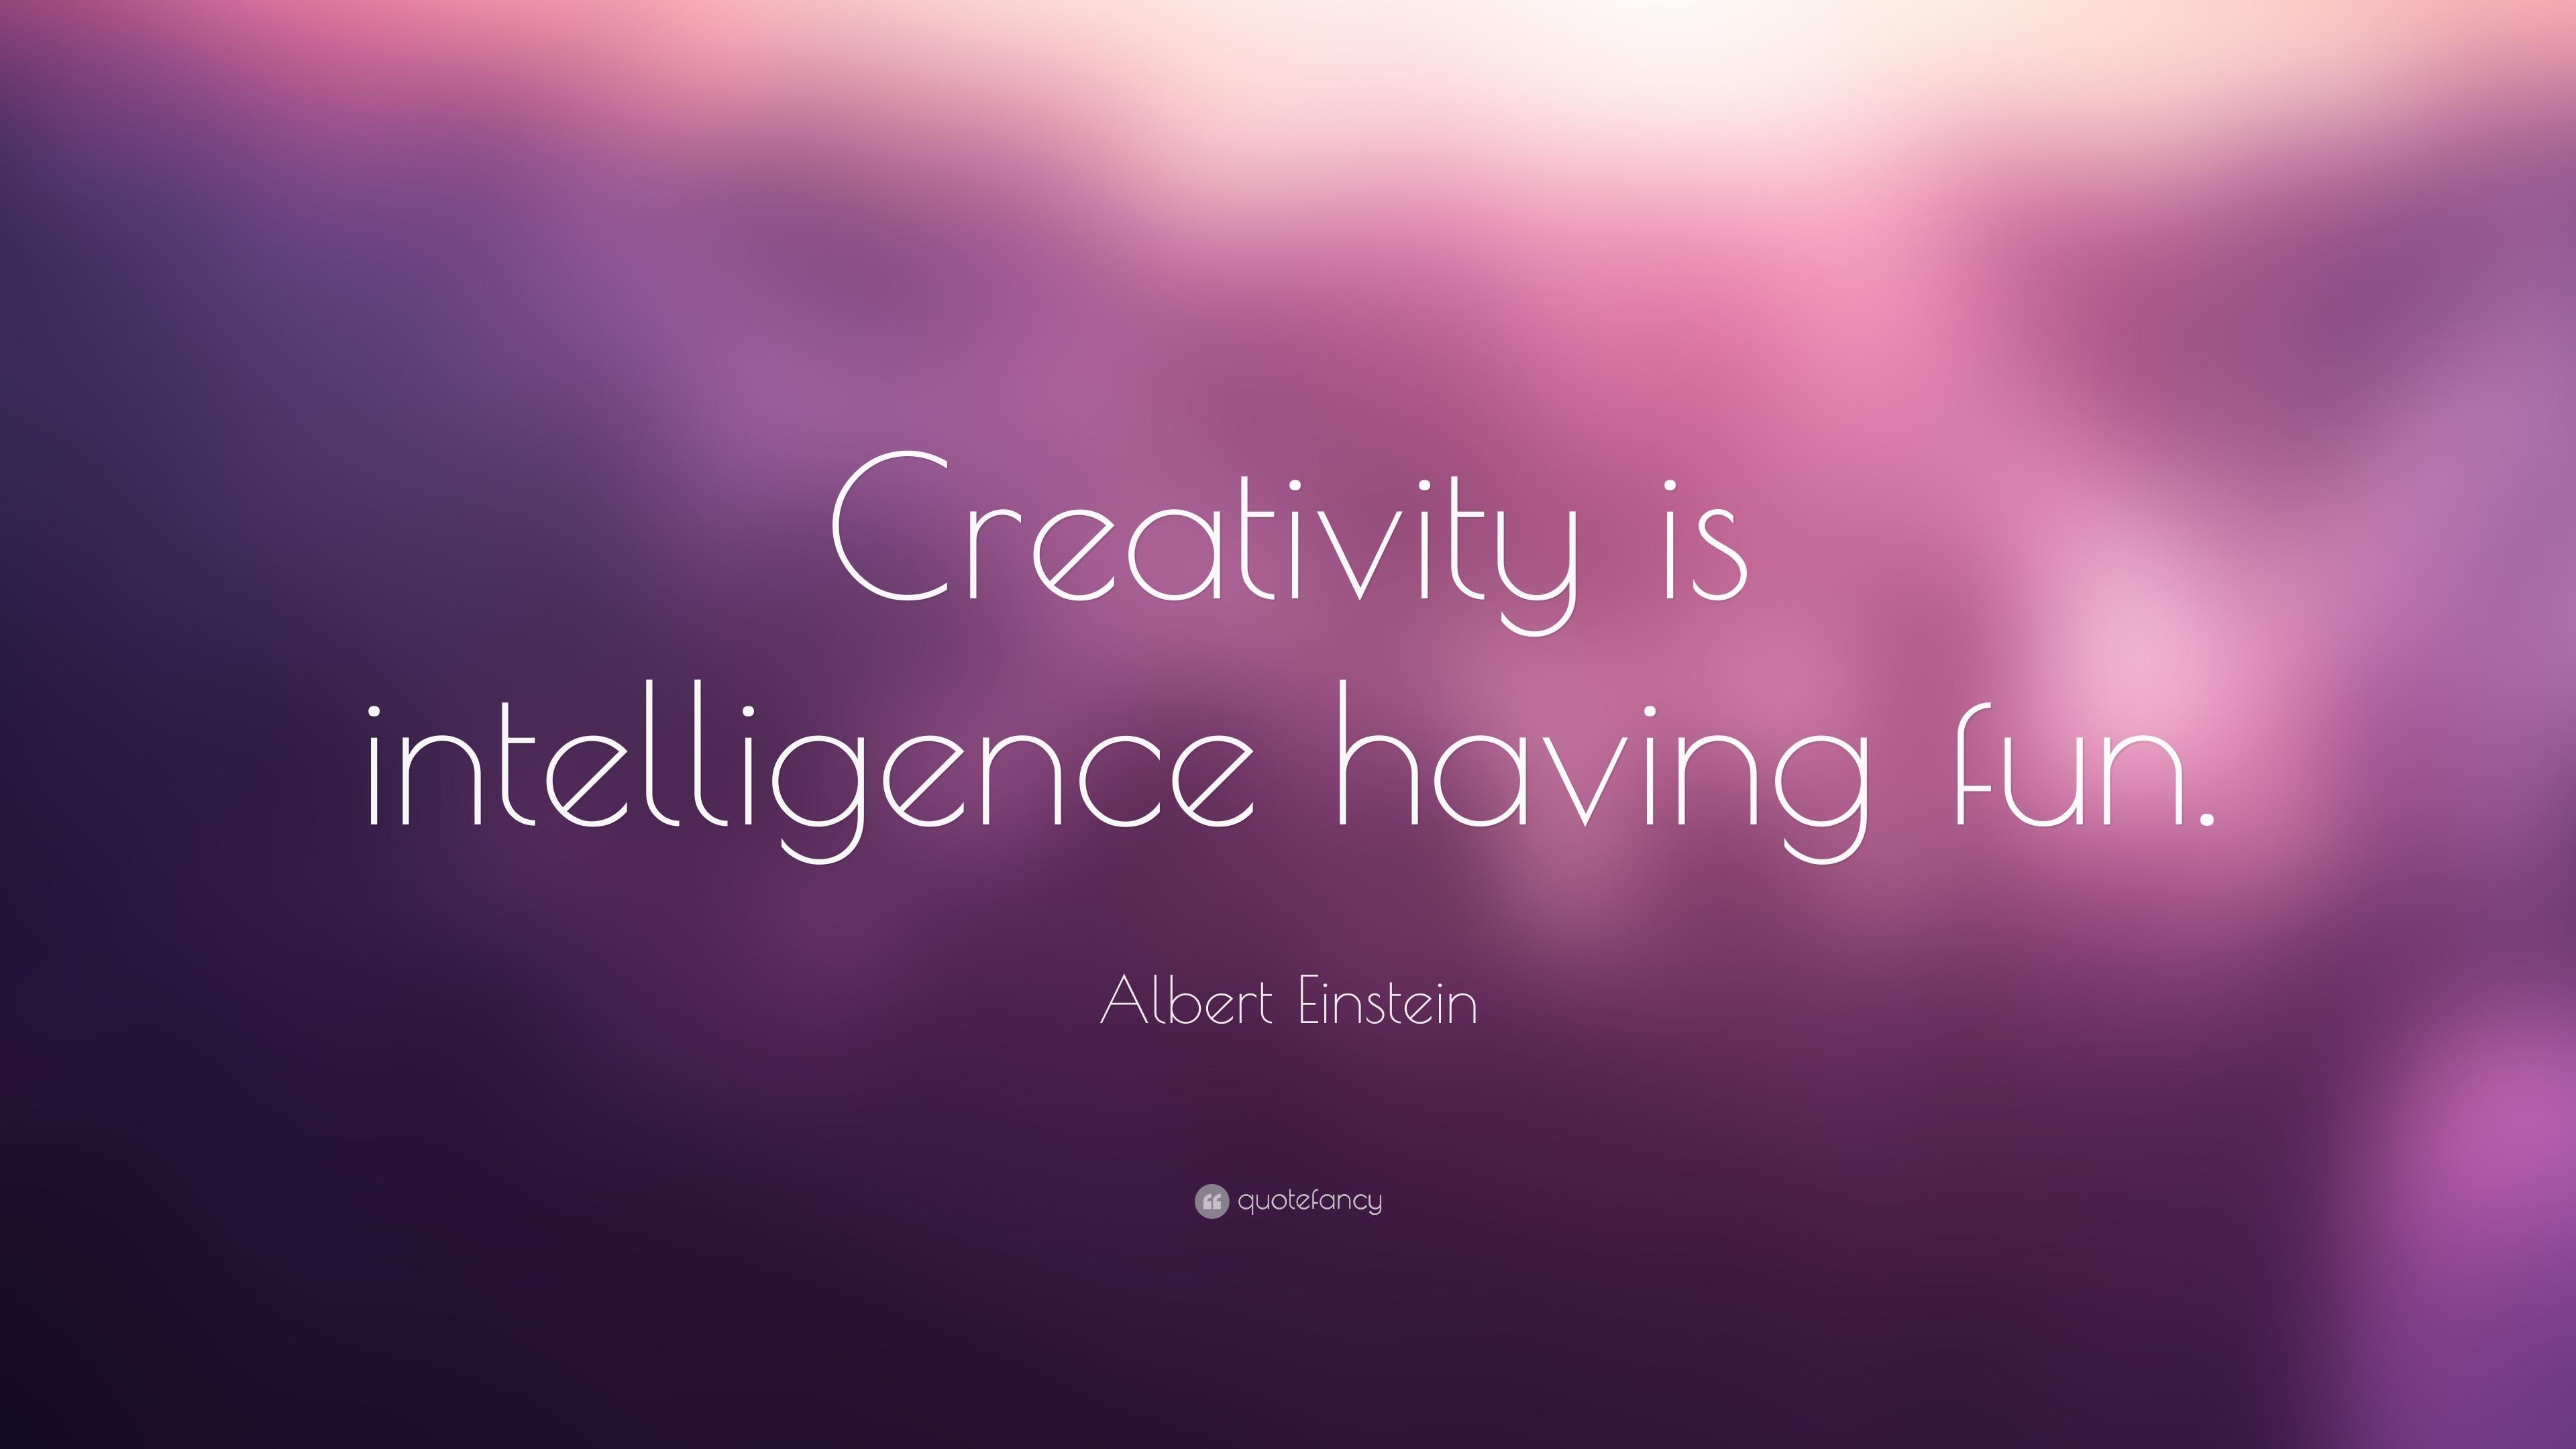 Einstein Quote Creativity Intelligence Having Fun